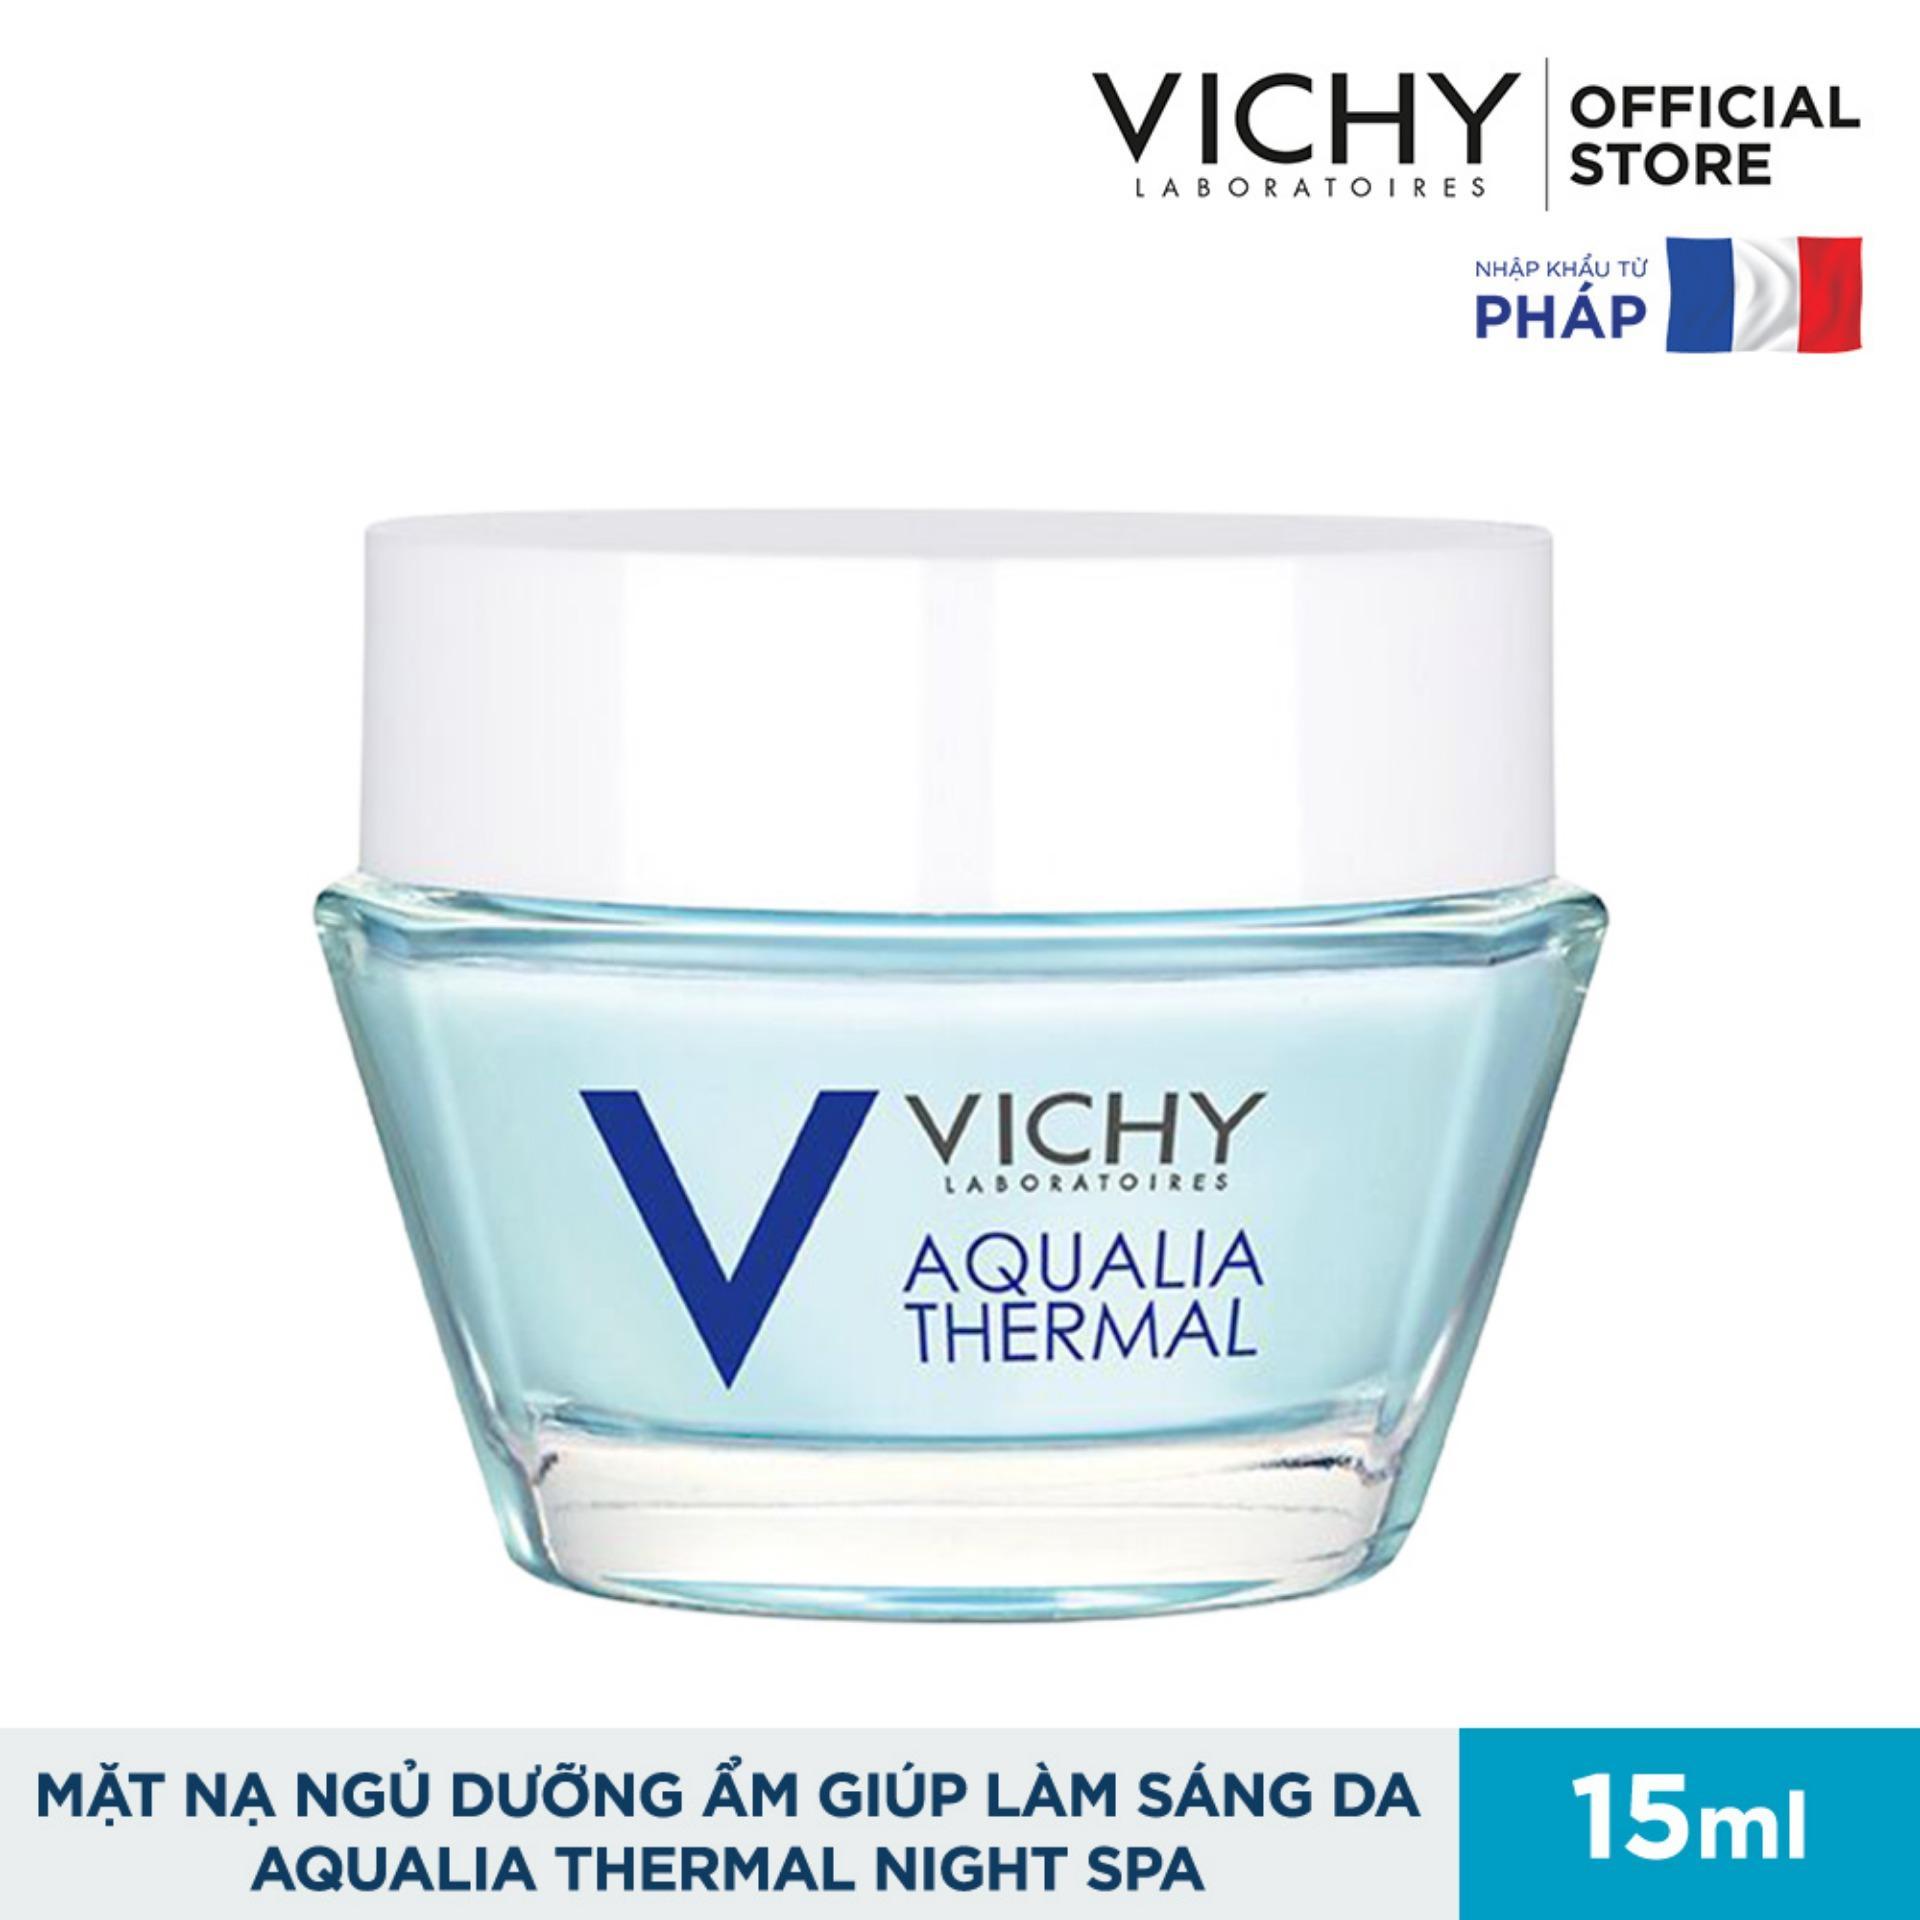 Mặt nạ ngủ dưỡng ẩm giúp làm sáng da Vichy Aqualia Thermal Night Spa Replenishing Radiance Enhancing Sleeping Mask 15ml nhập khẩu